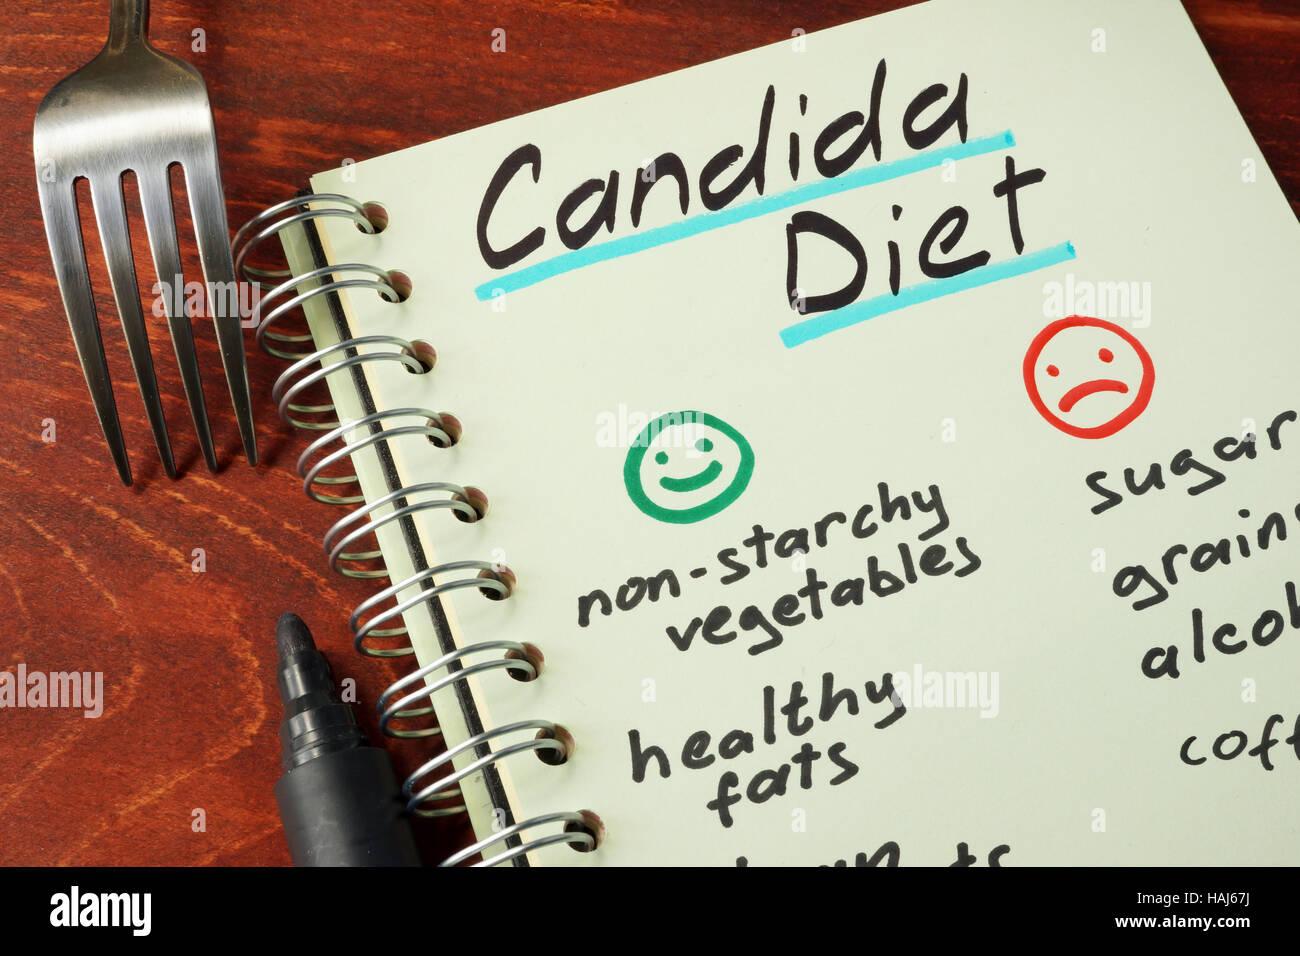 Candida Diat Mit Liste Der Lebensmittel Die Auf Eine Notiz